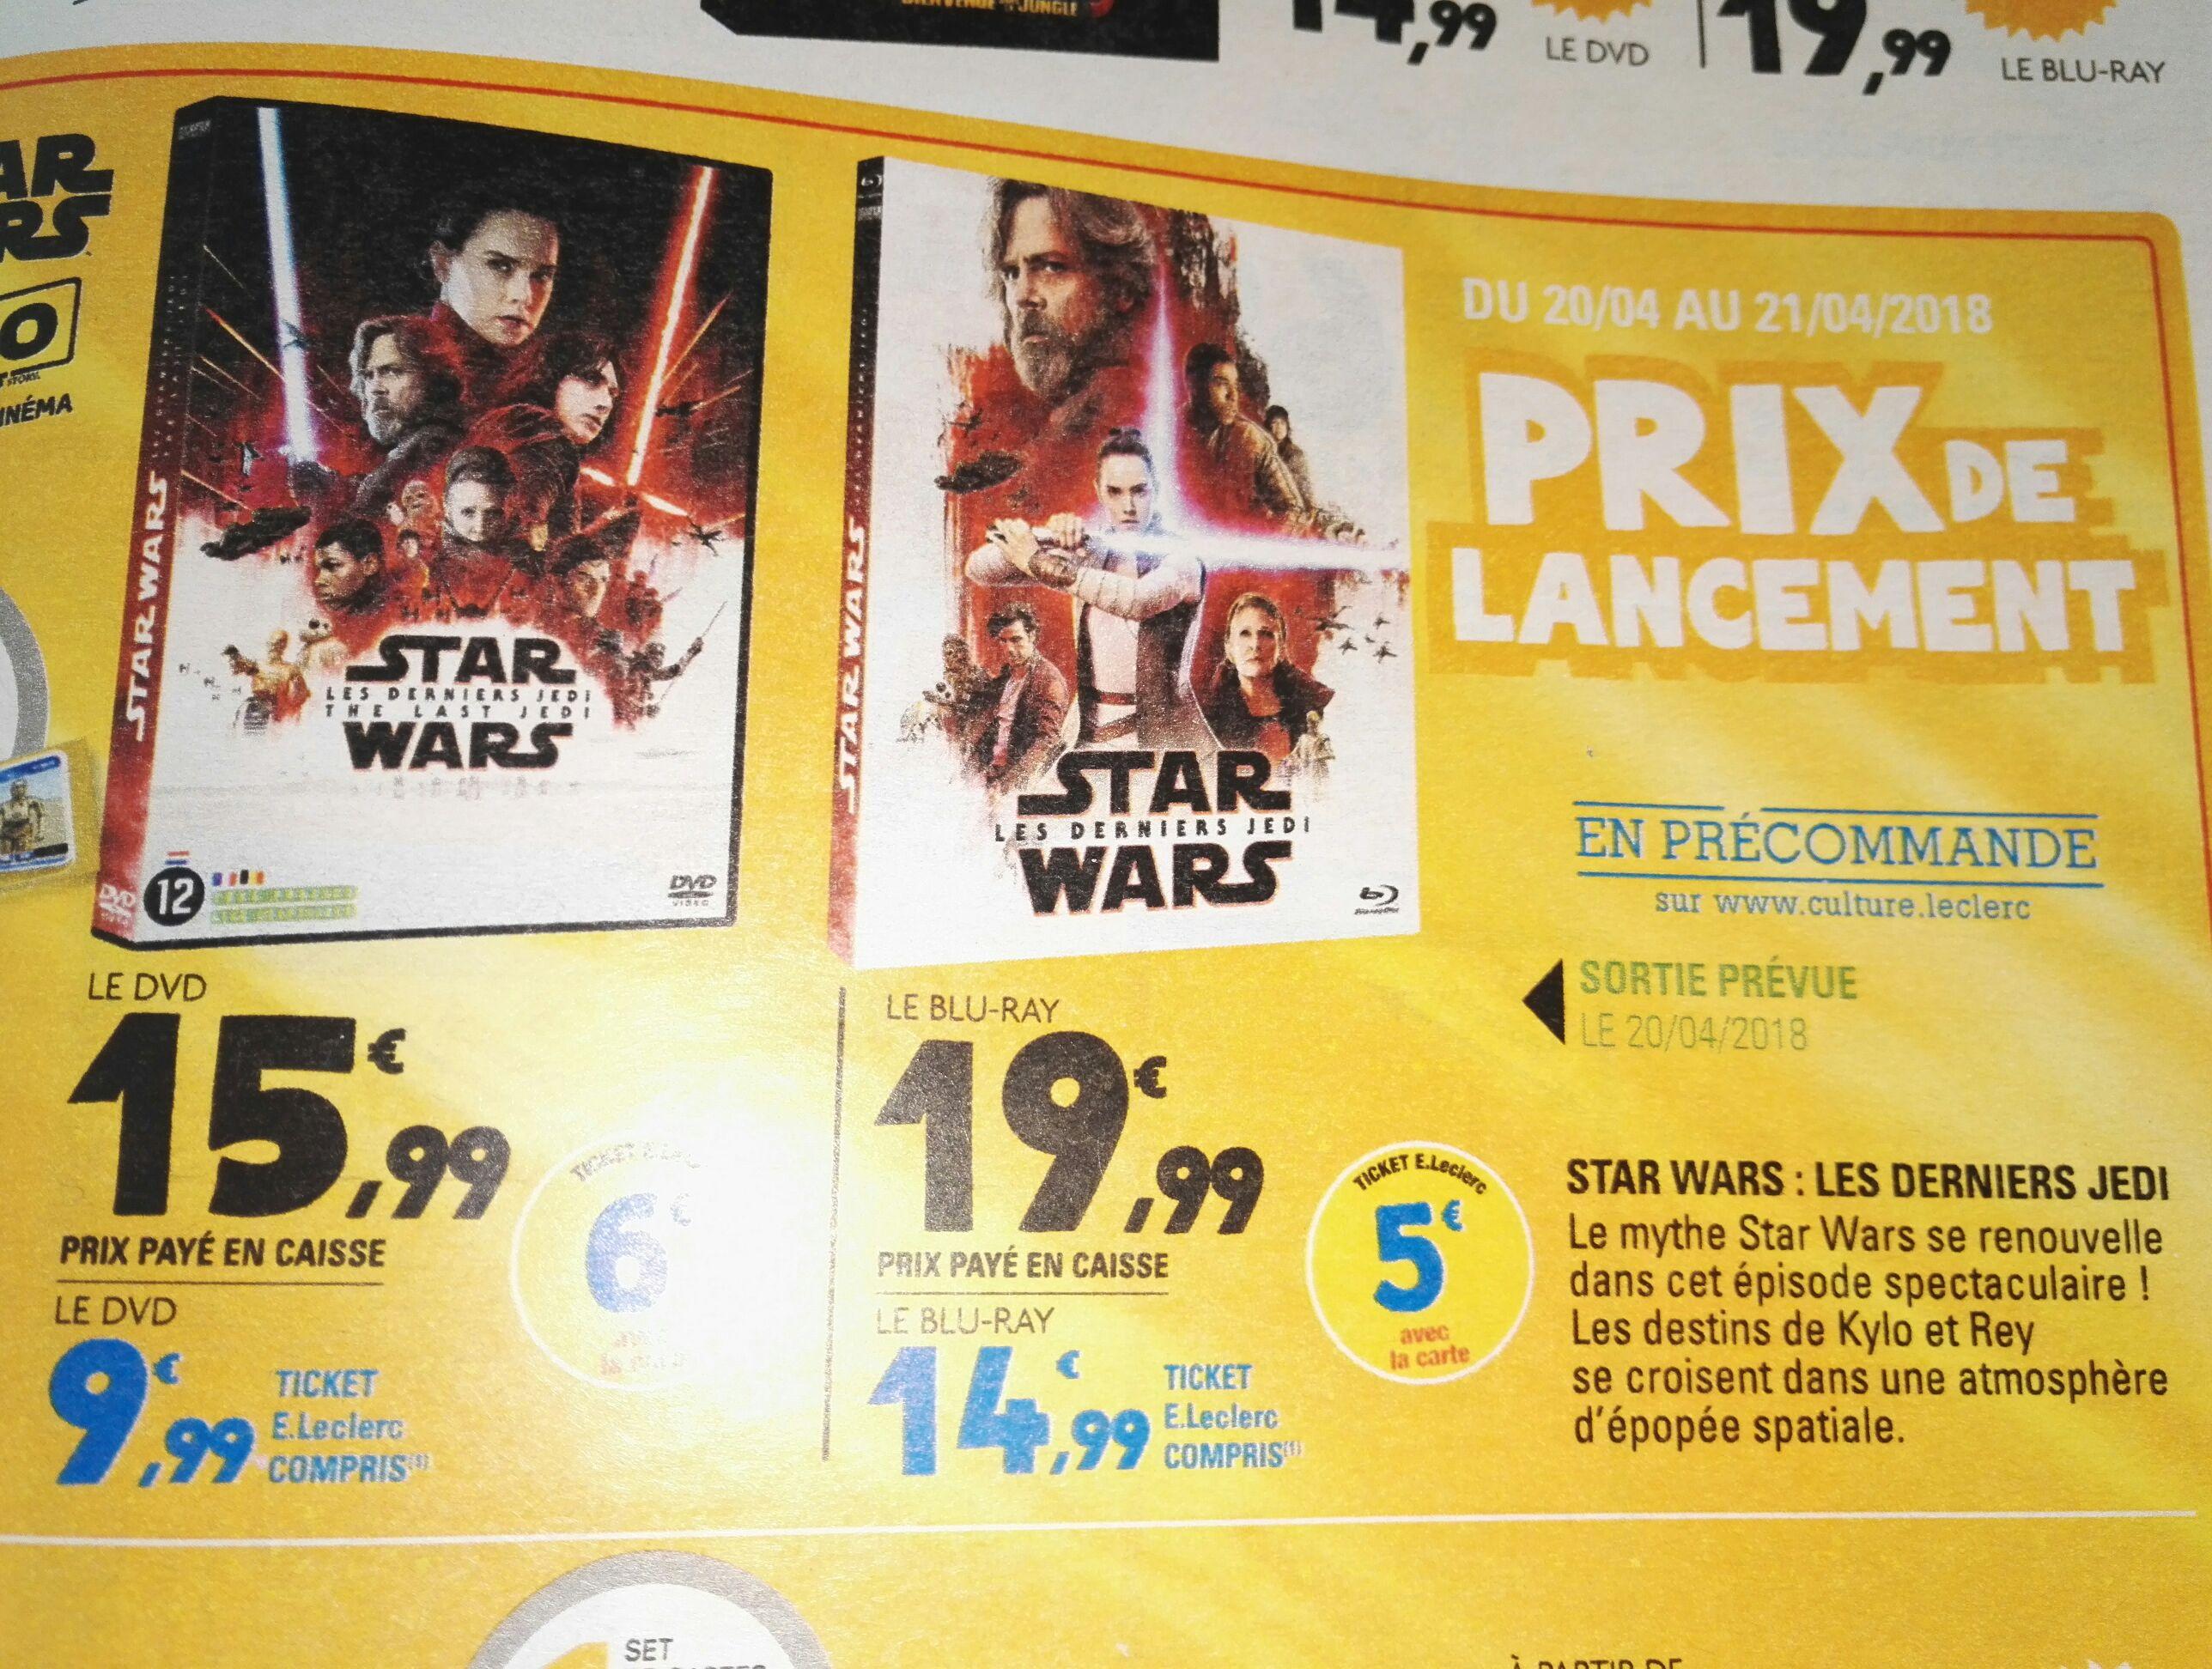 Blu-Ray Star Wars, épisode VIII : Les Derniers Jedi (via 5€ sur la carte fidélité)